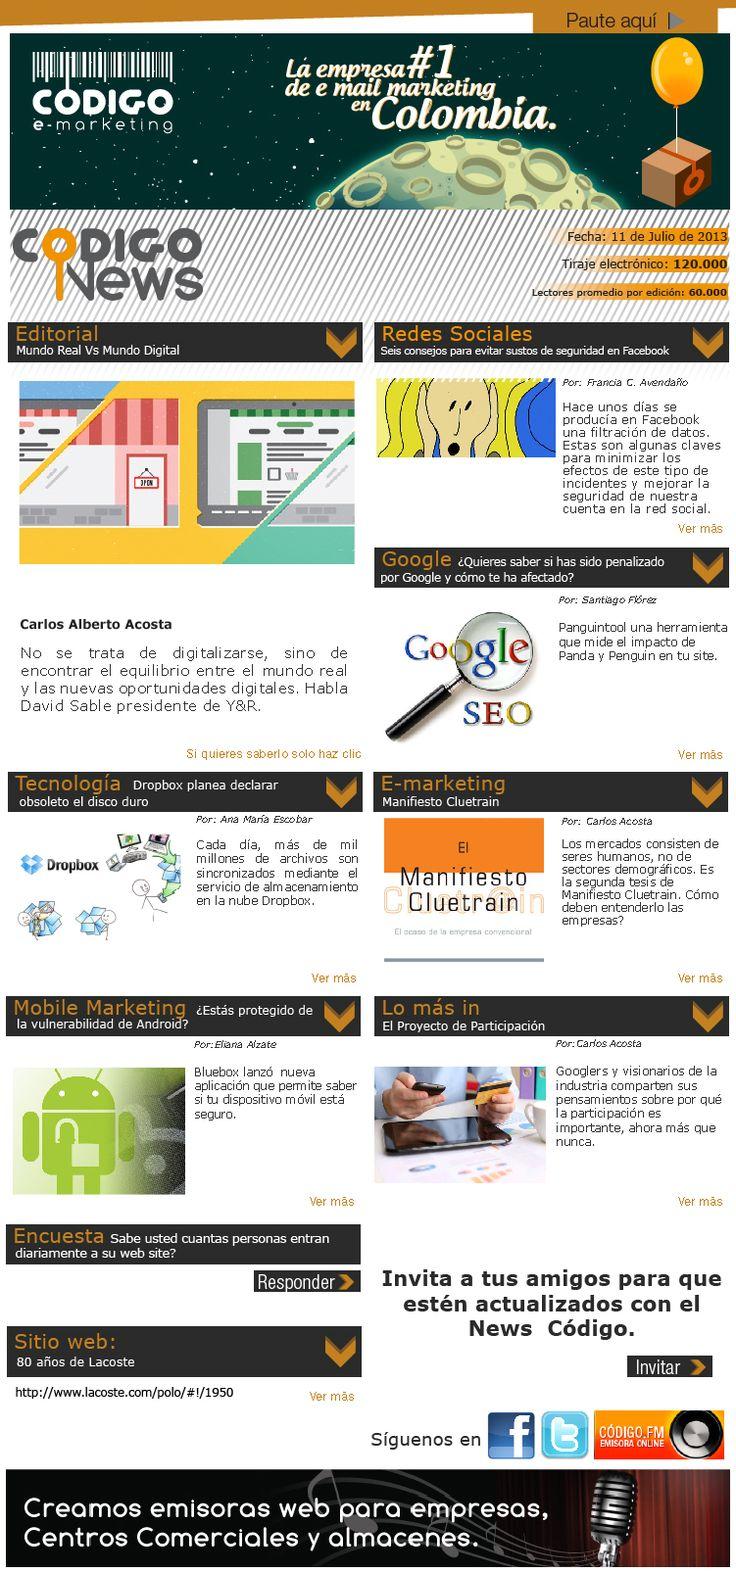 Edición #69 nuestro news tiene lo último en e-mailing, redes, mobile marketing y tecnología.  http://www.codigoe-marketing.com/news/web/